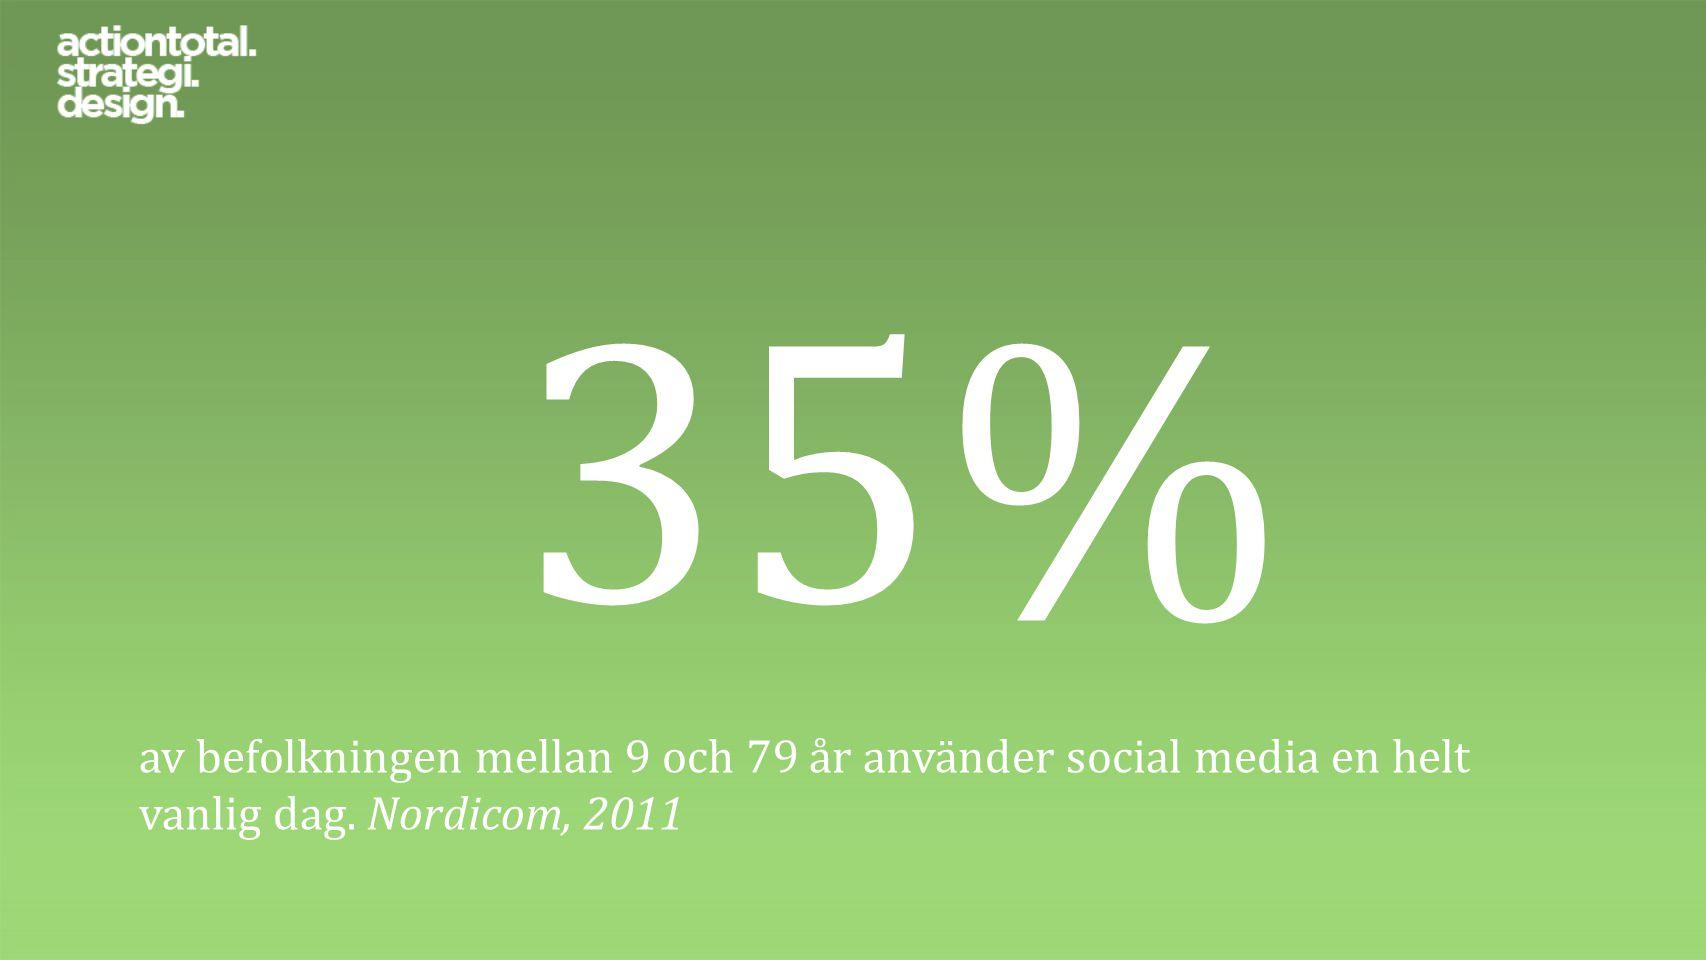 35% av befolkningen mellan 9 och 79 år använder social media en helt vanlig dag. Nordicom, 2011